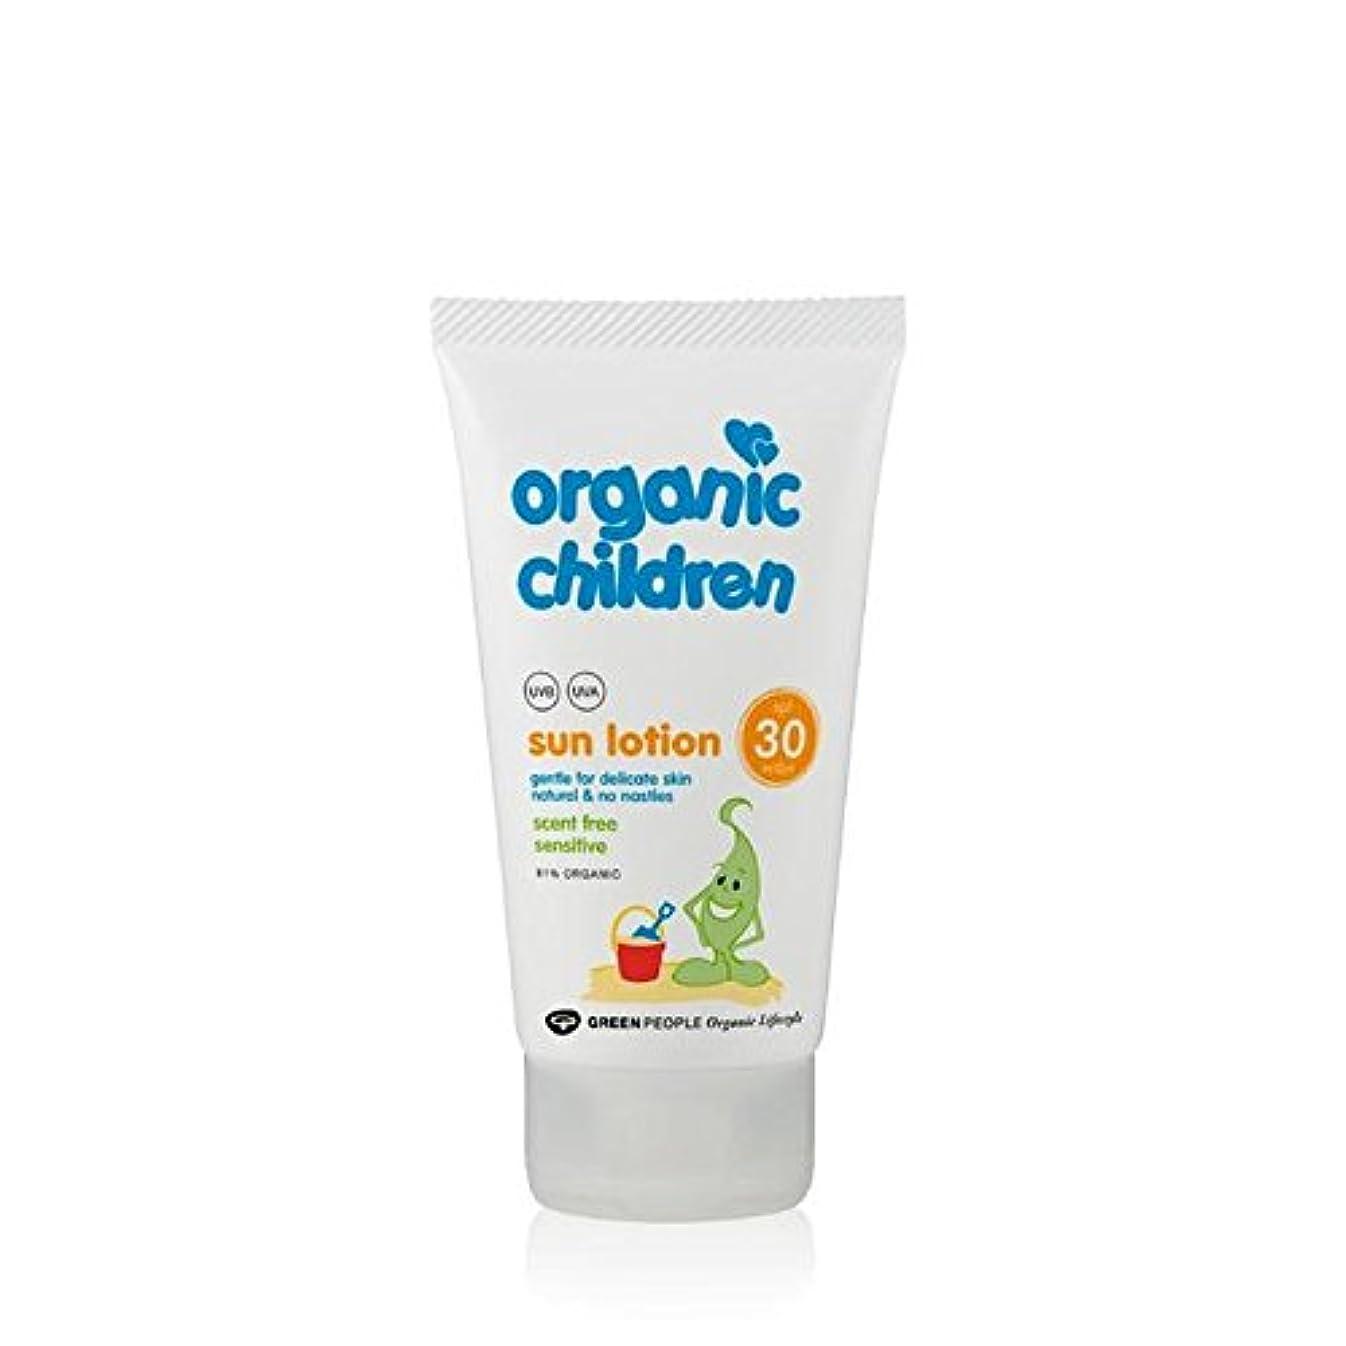 コンデンサー最小化するシーン有機子ども30の香り無料のサンローション150 x4 - Organic Children SPF30 Scent Free Sun Lotion 150ml (Pack of 4) [並行輸入品]